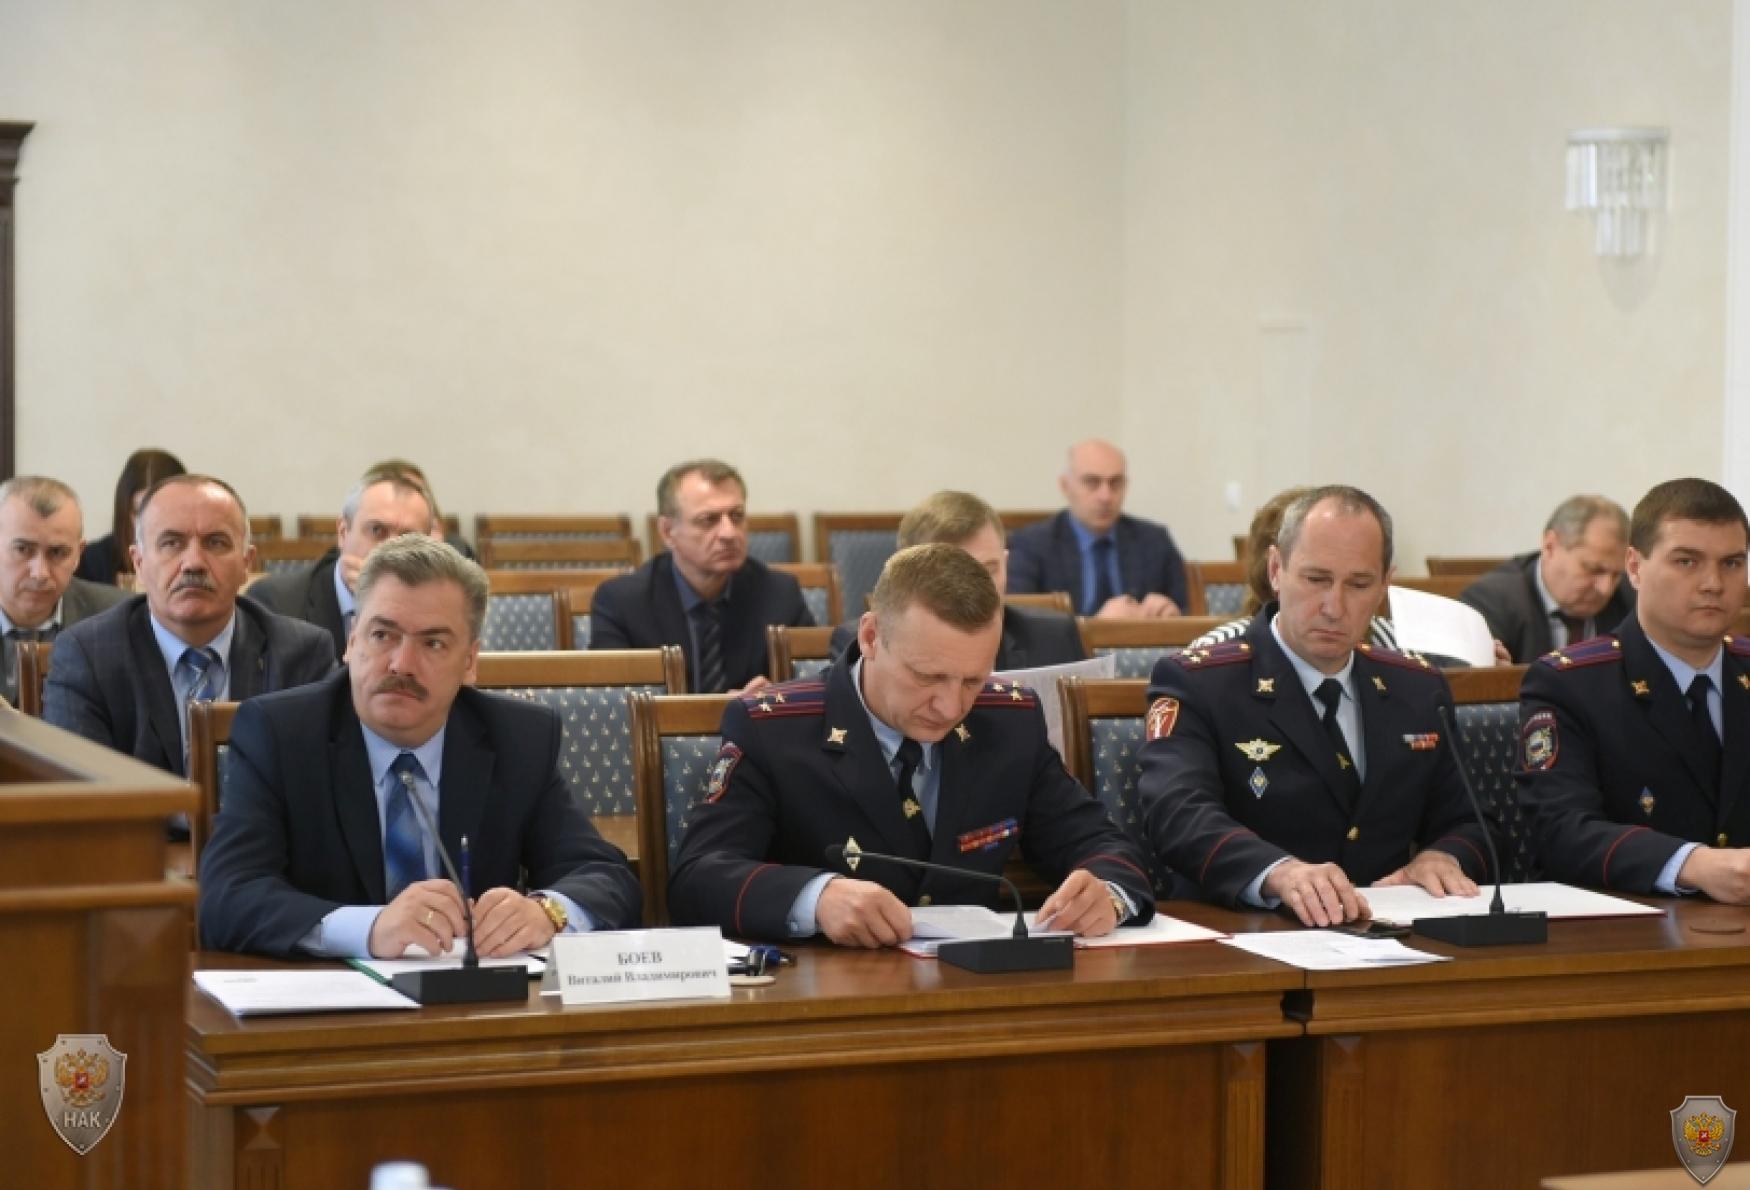 Участники совместного заседания Антитеррористической комиссии и Оперативного штаба в Республике Адыгея